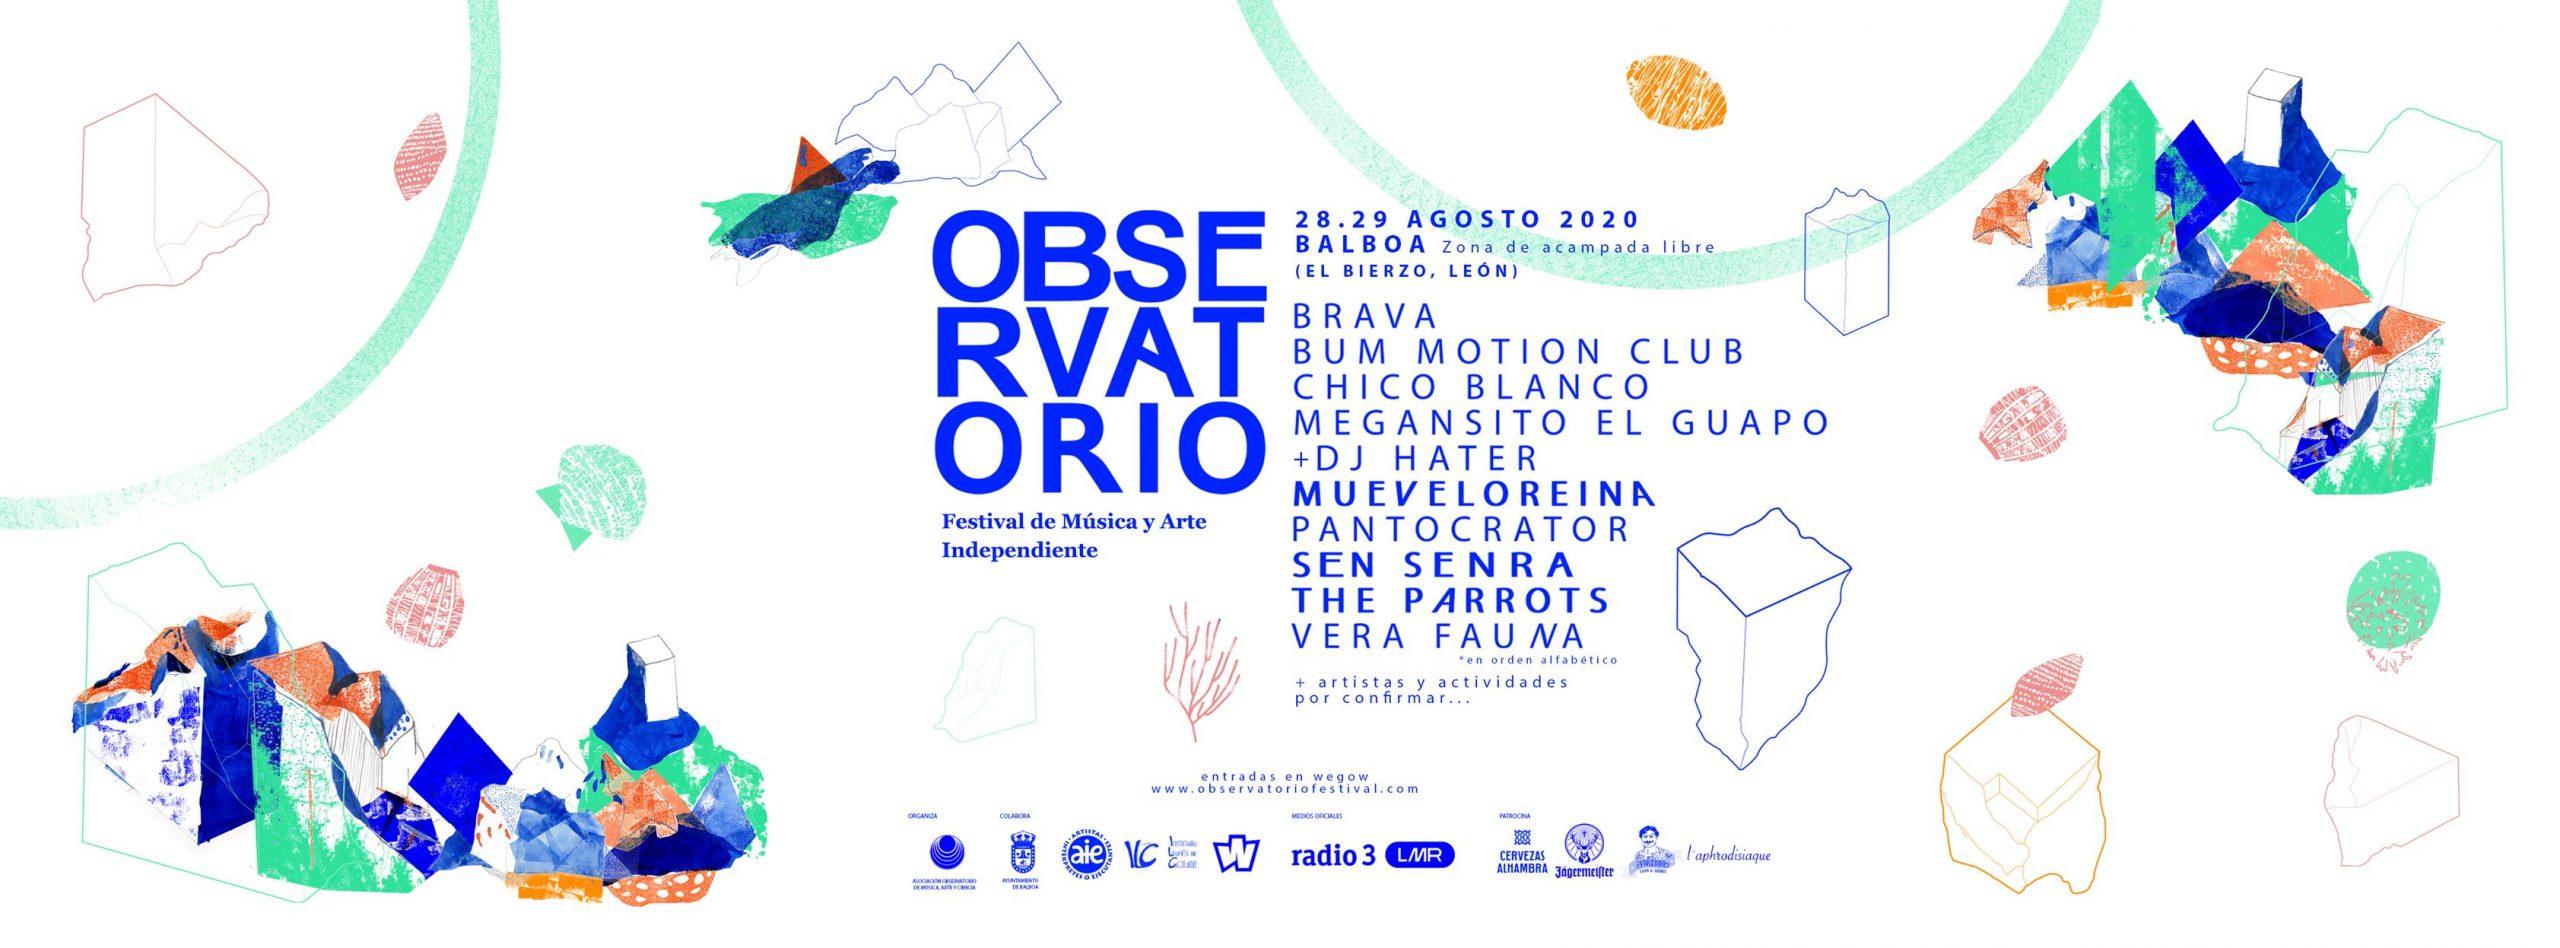 EL Observatorio Festival de Balboa se pospone para finales de agosto 1